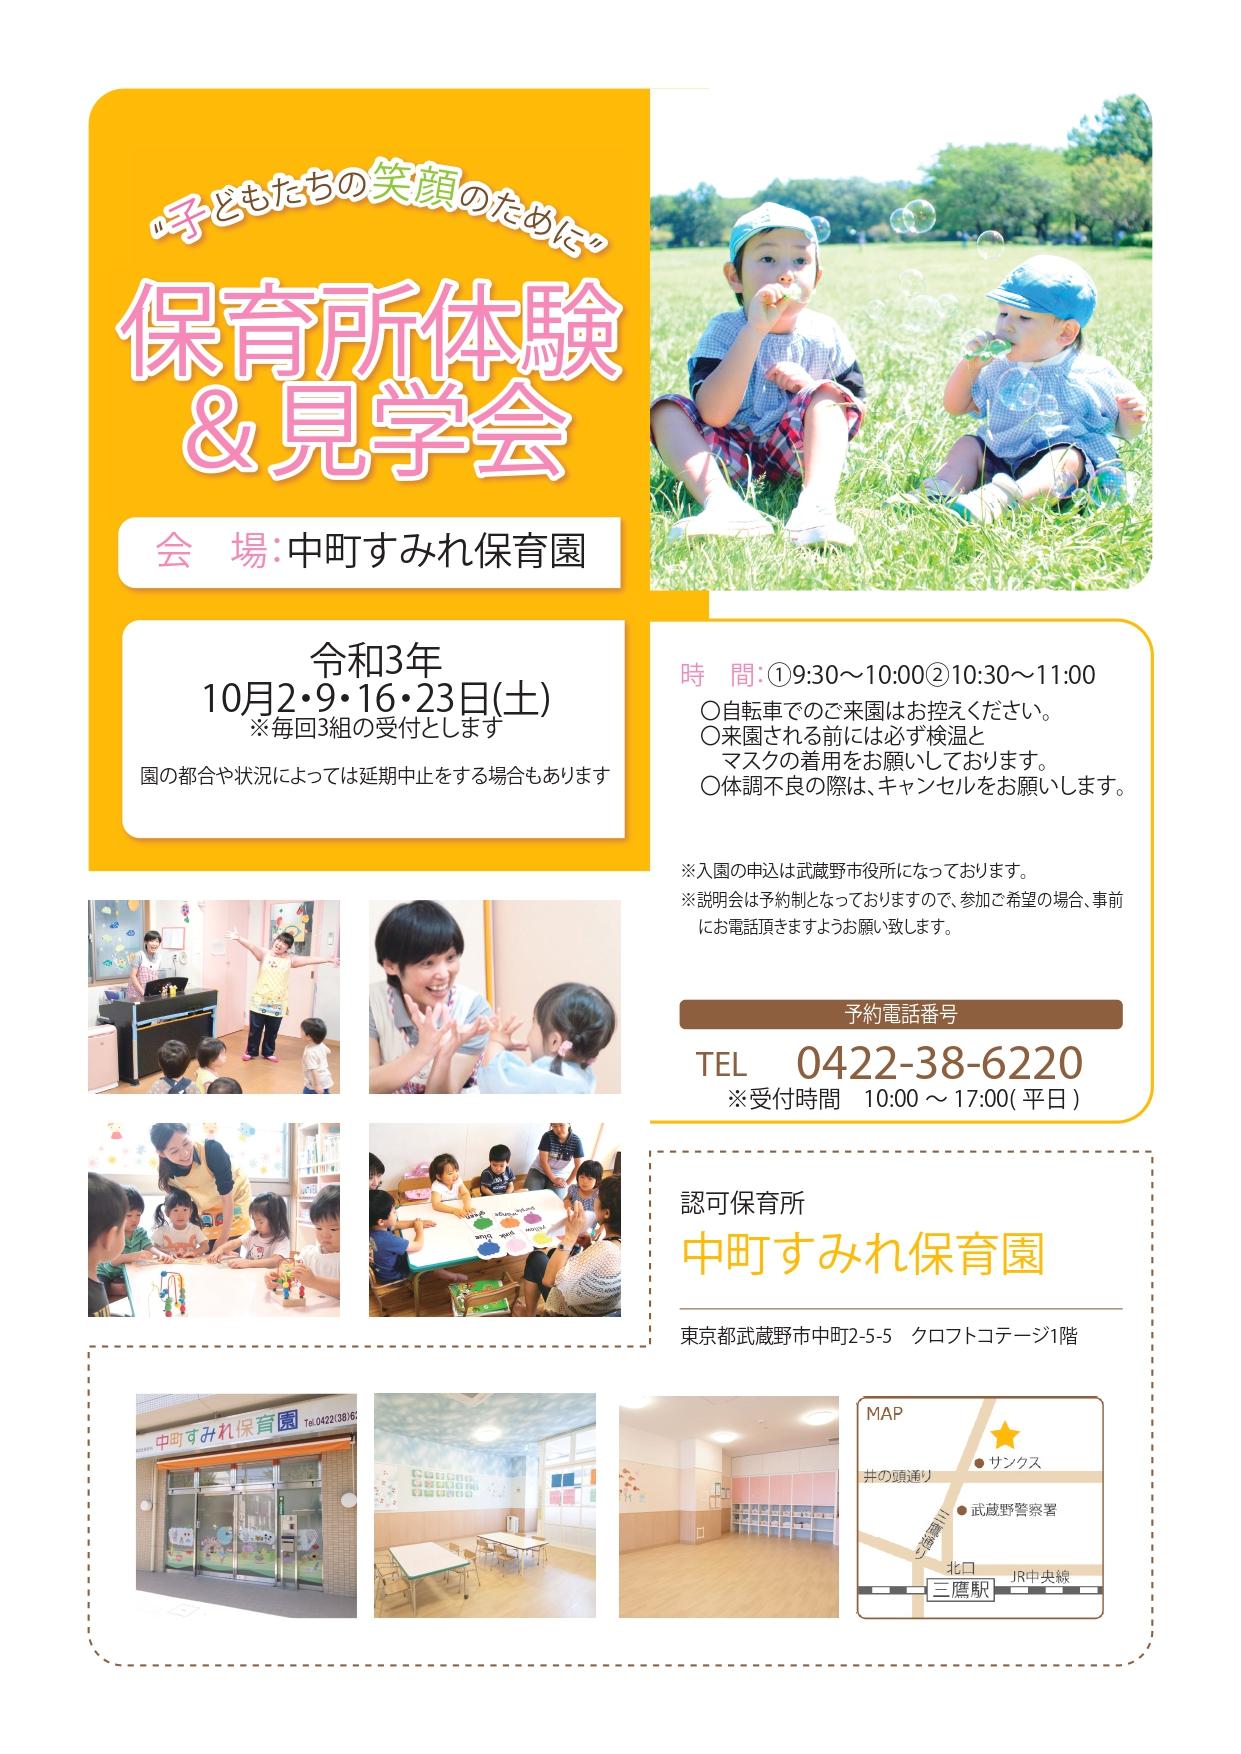 中町すみれ説明会見学会R4_page-0001